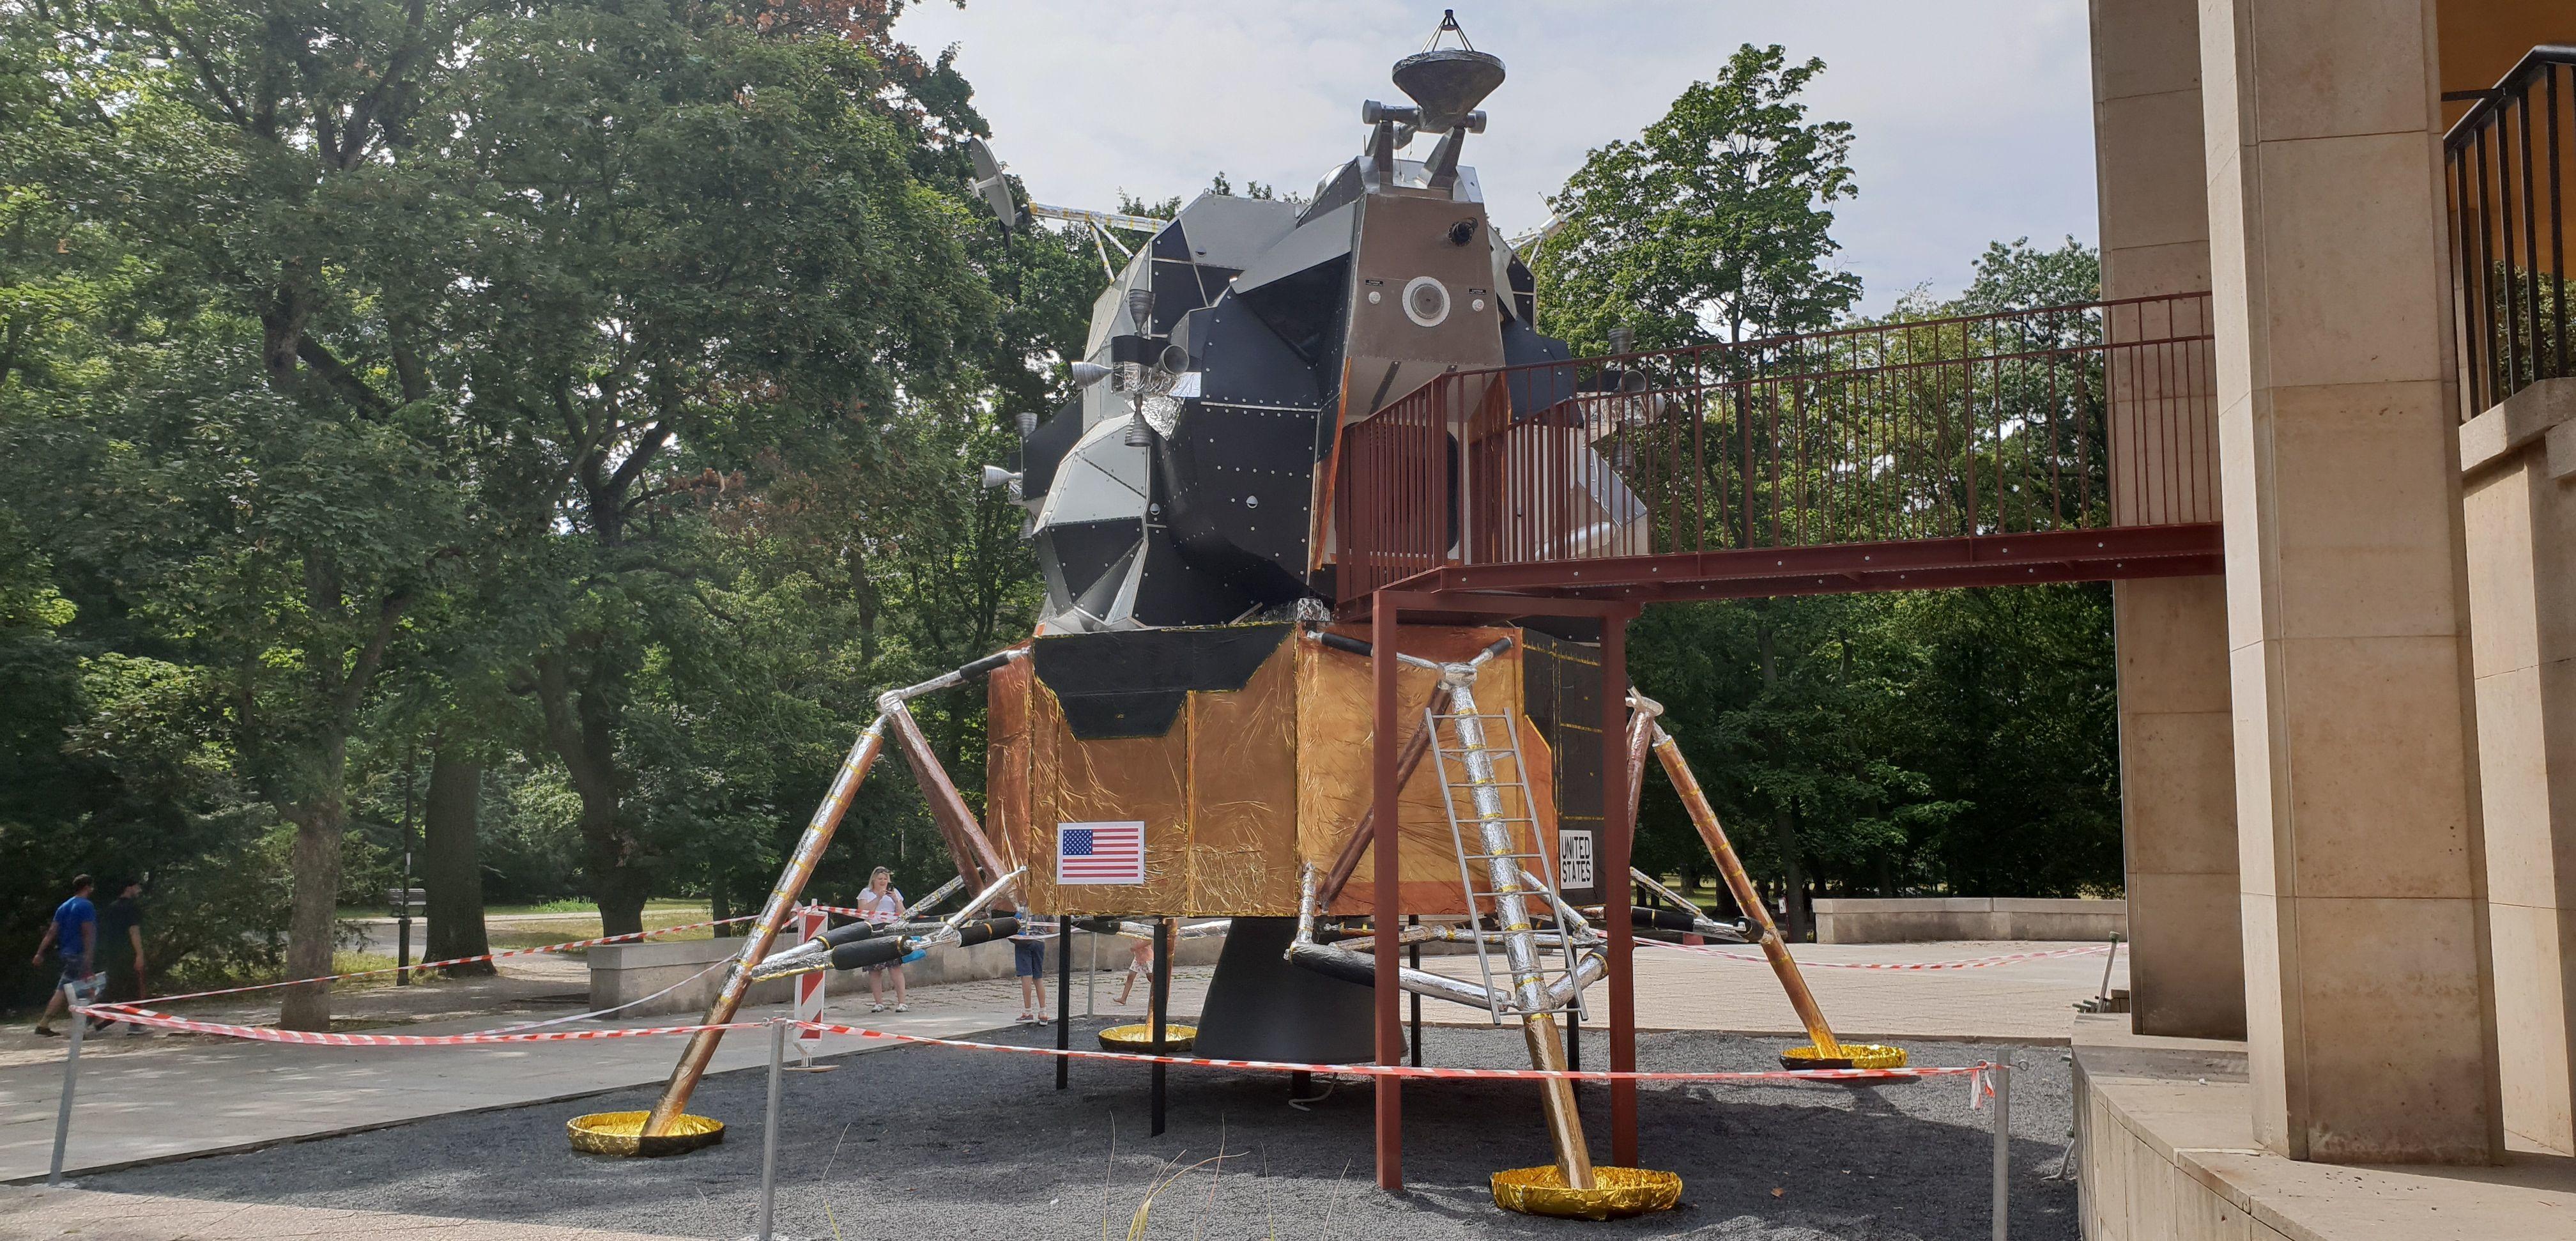 Maketa a model přistávacího modulu Eagle (Orel)